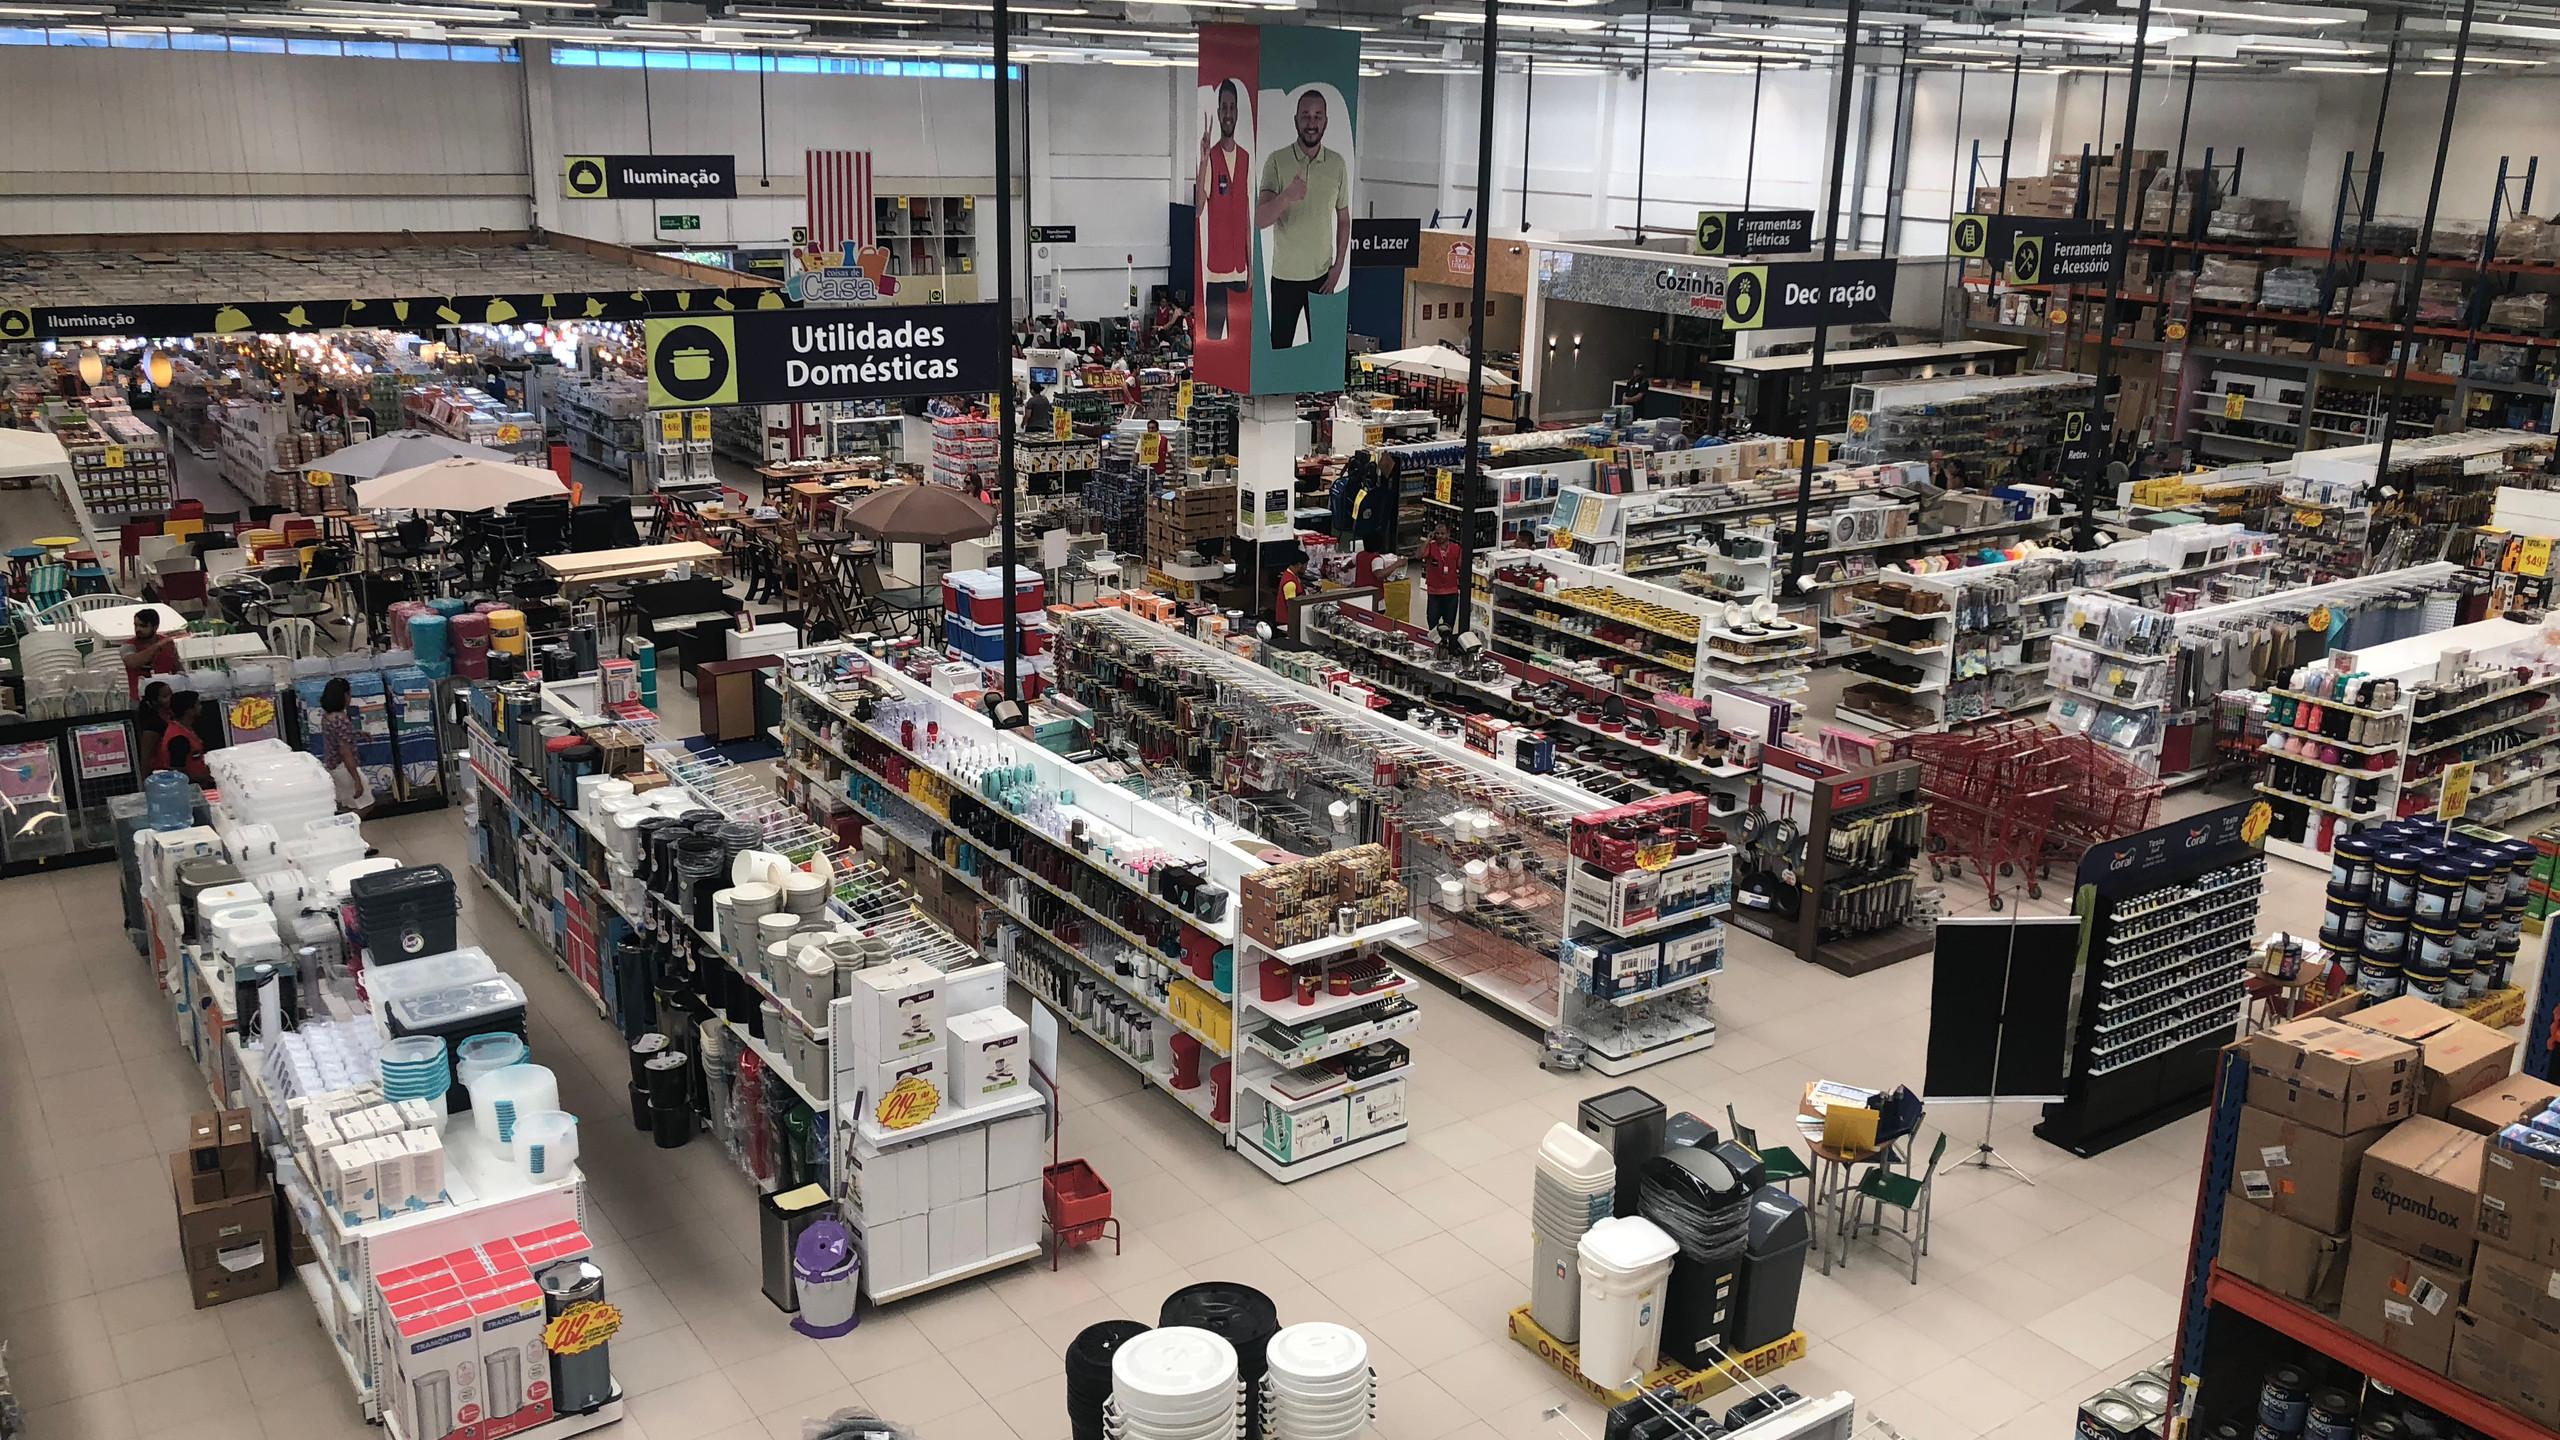 Todas as lojas Potiguar estão com mais de 300 itens em mega promoção, no evento anual mais esperado da marca, o Feirão Gigante Potiguar. De material de construção a itens de decoração, móveis e objetos para presentes.